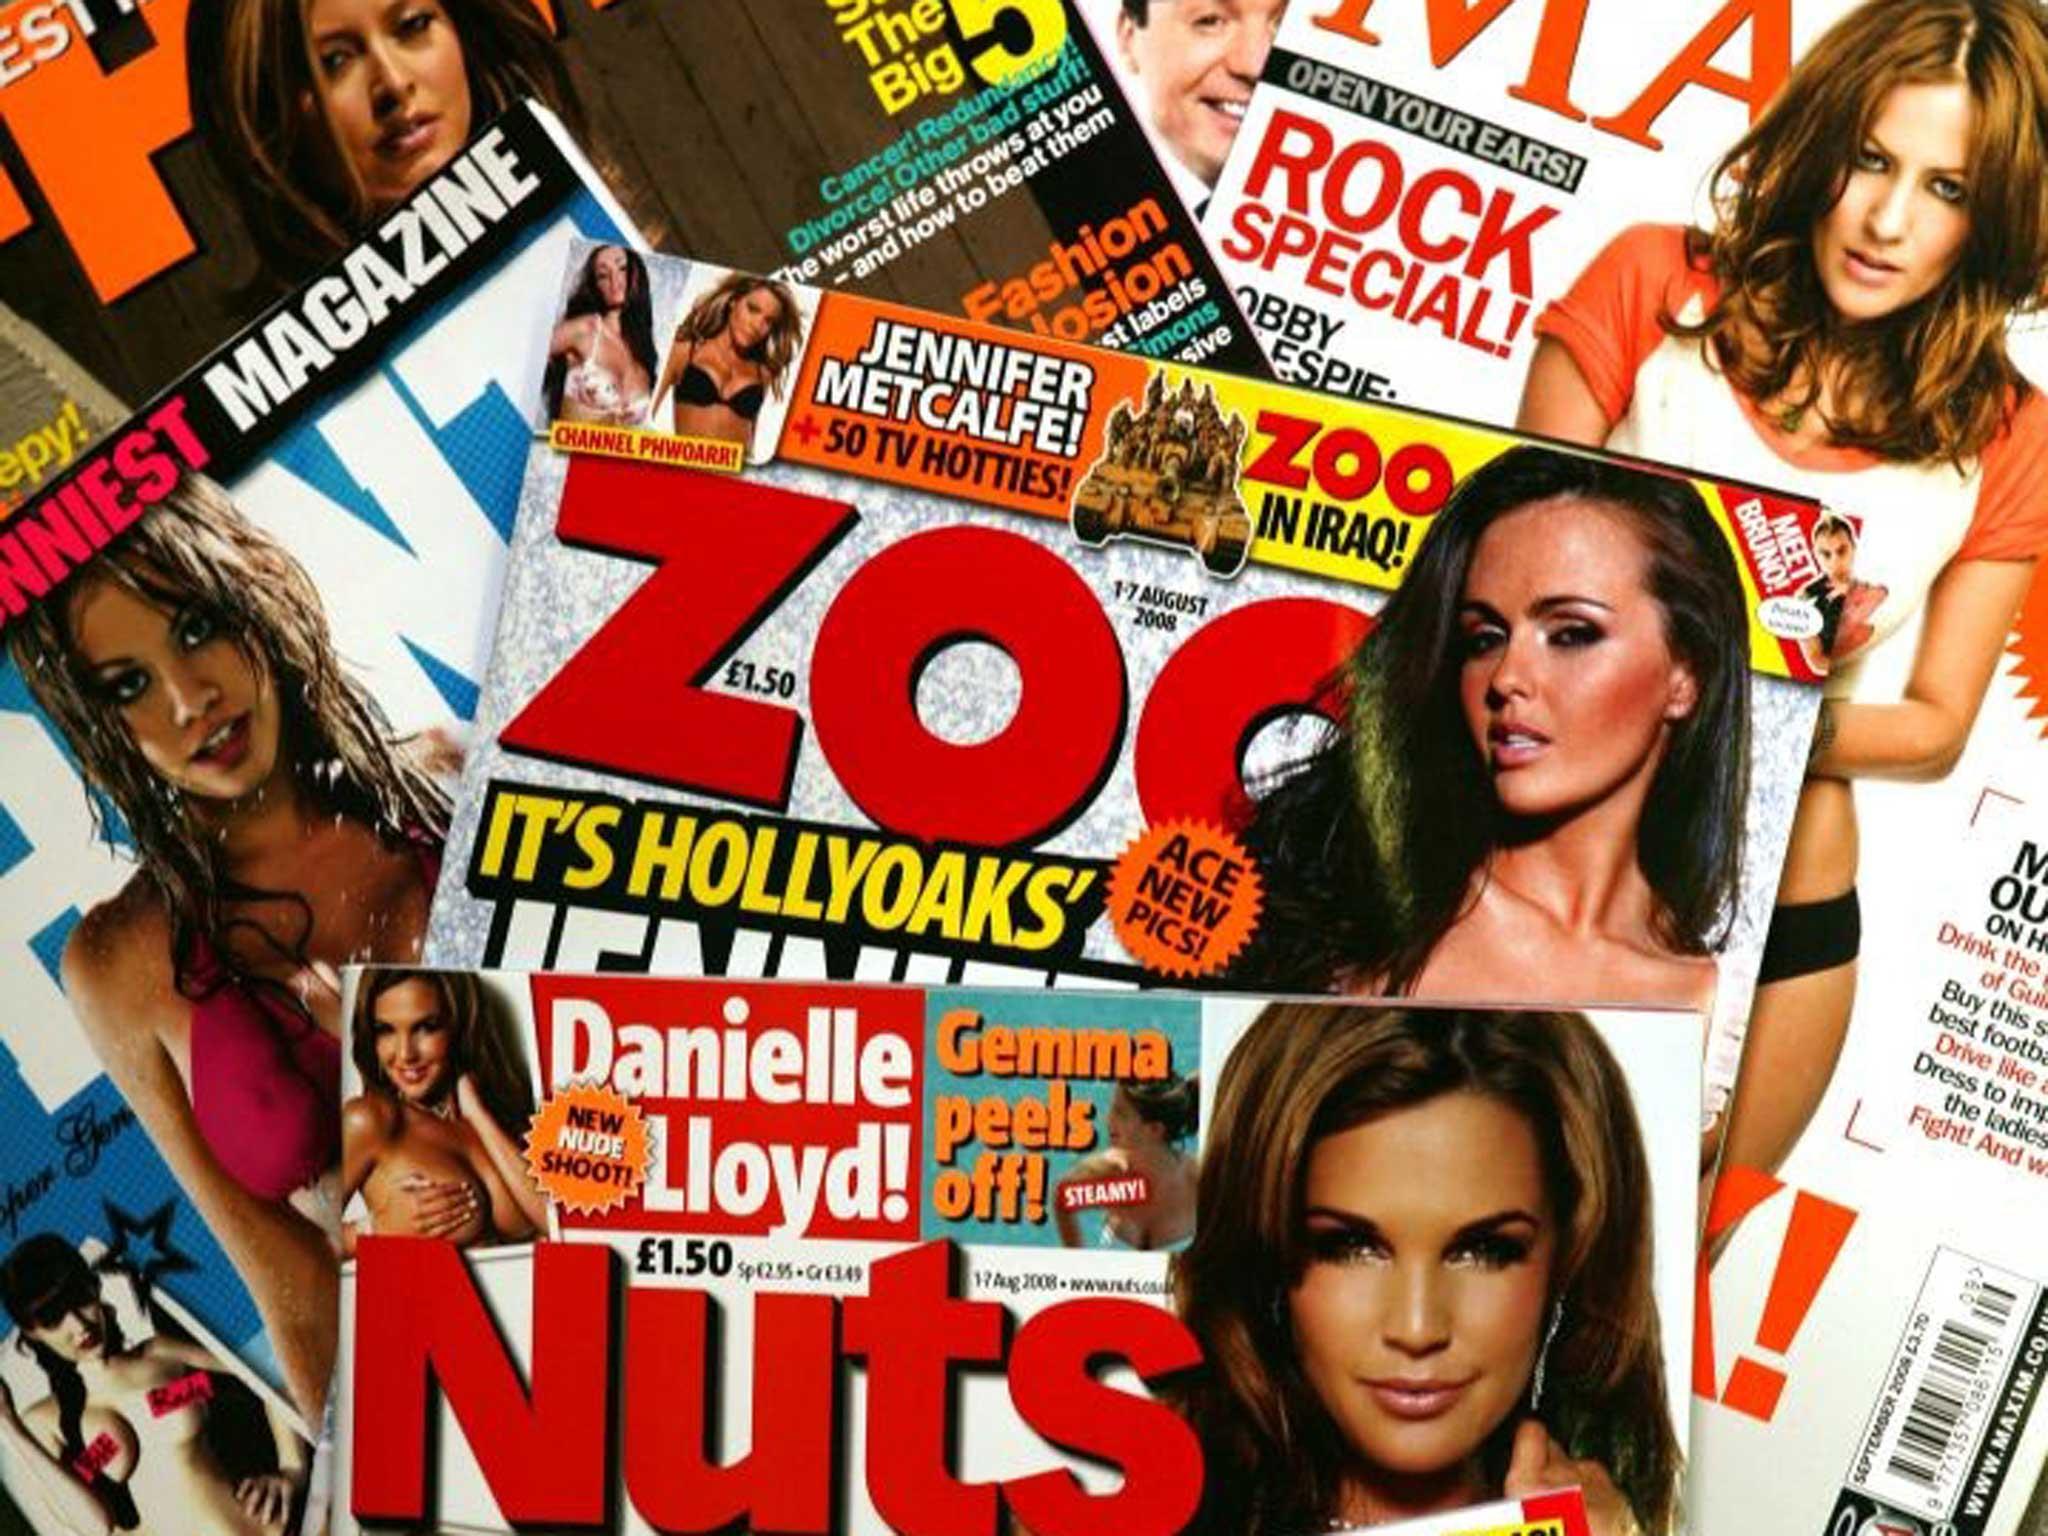 Lads magazines naked (47 images)